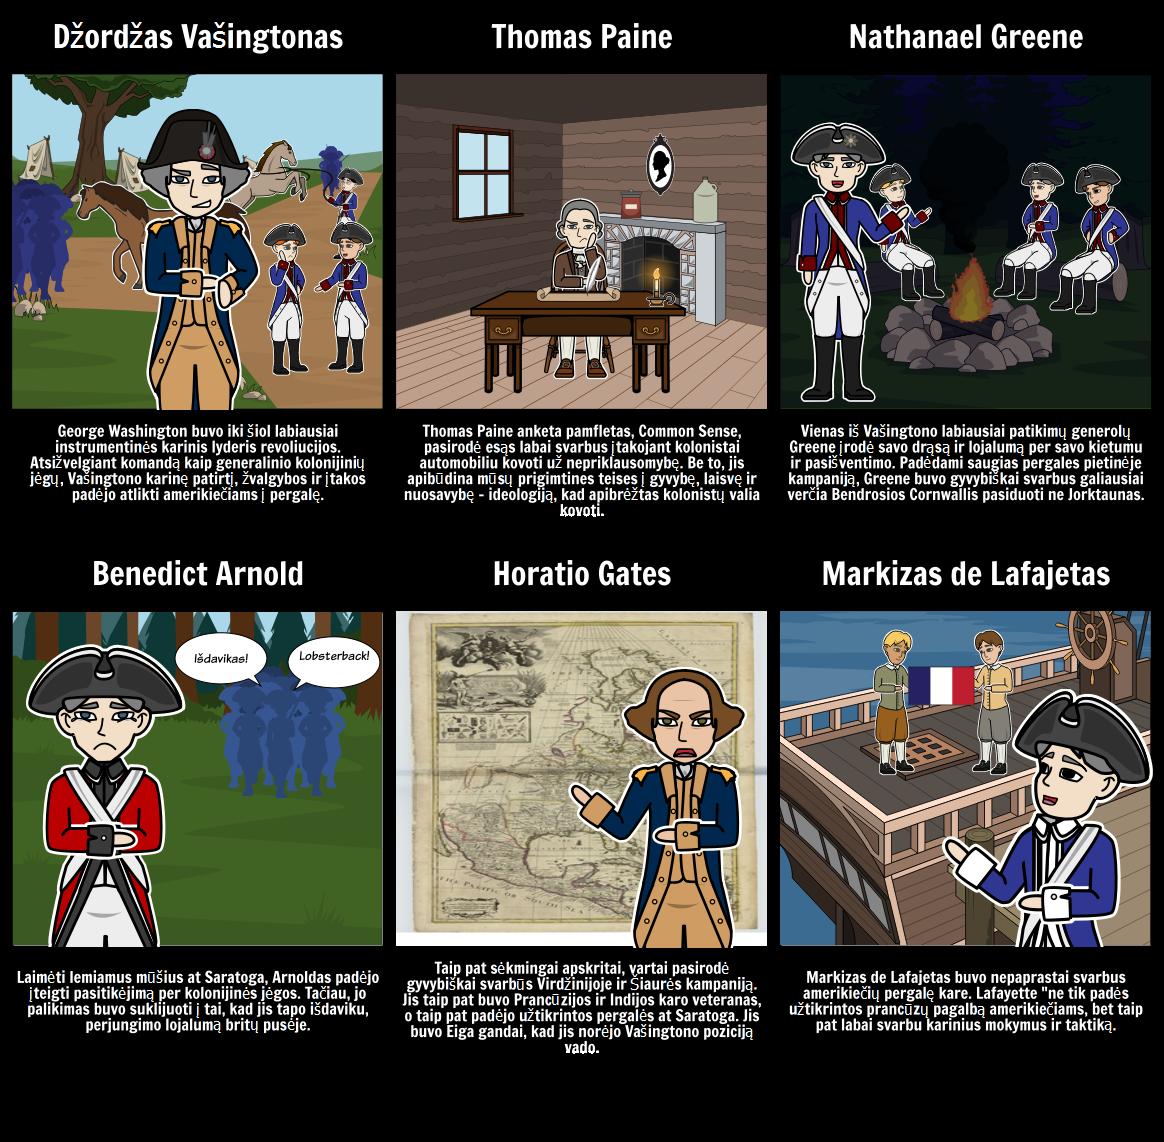 Svarbūs Žmonės Amerikos Revoliucijos